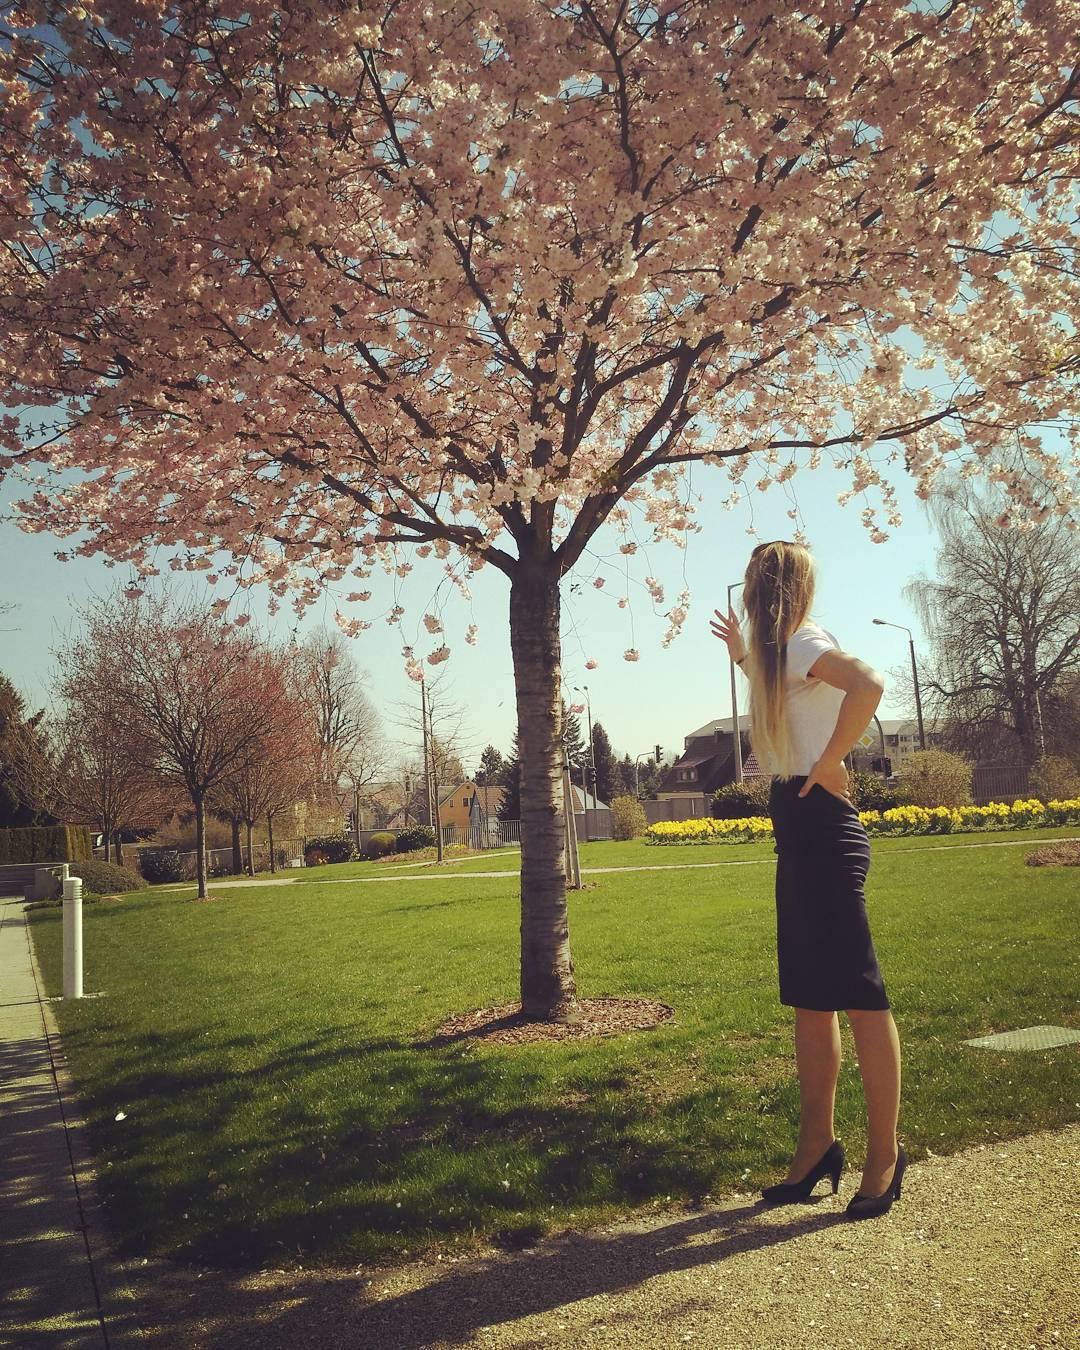 Mladá žena u stromu